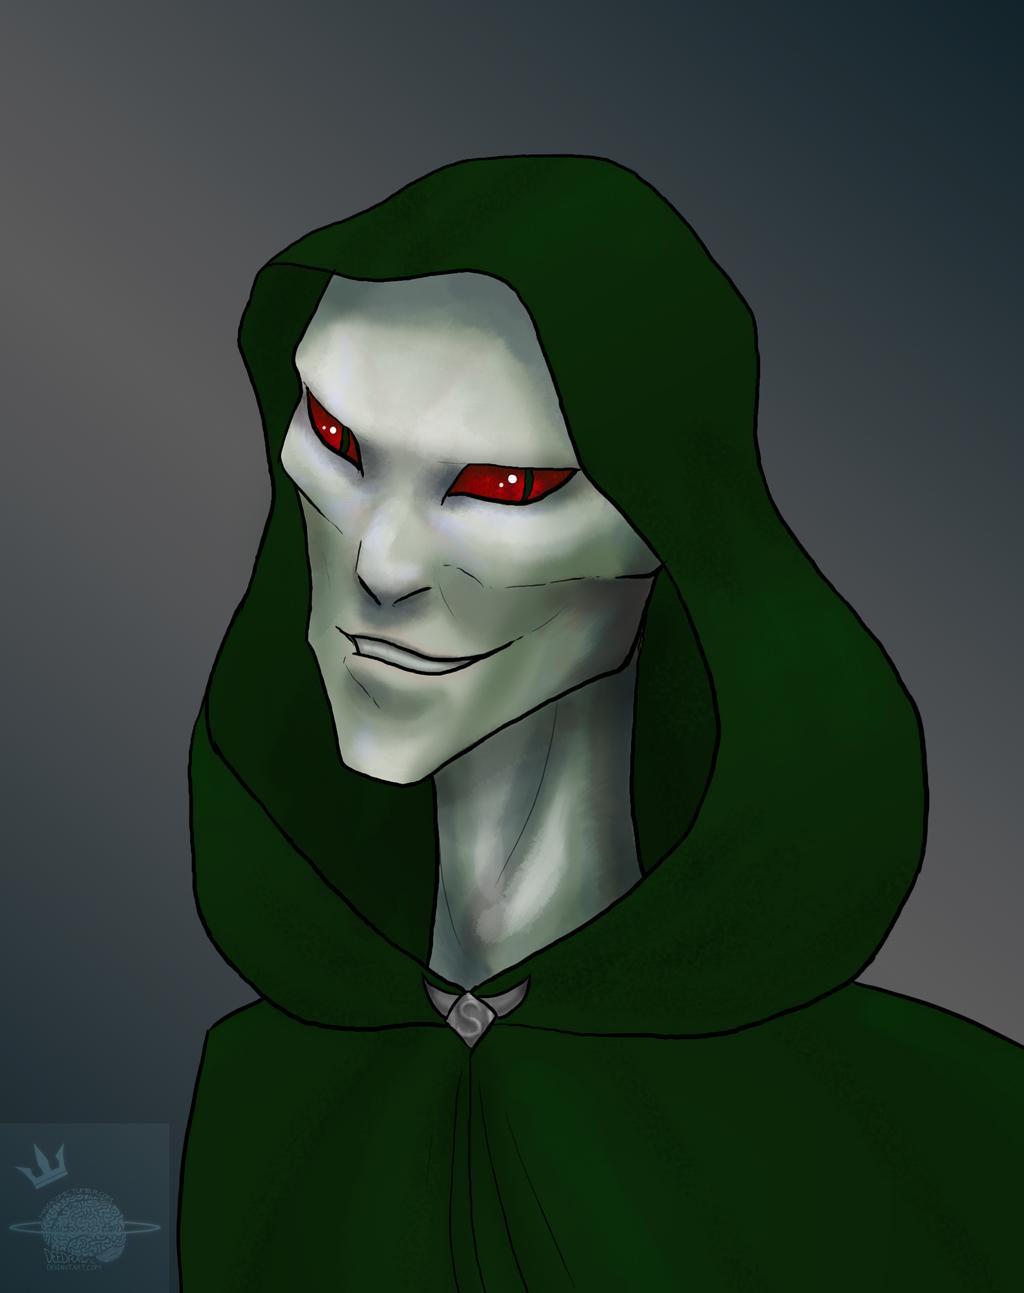 Voldemort by DeeDraws on DeviantArt